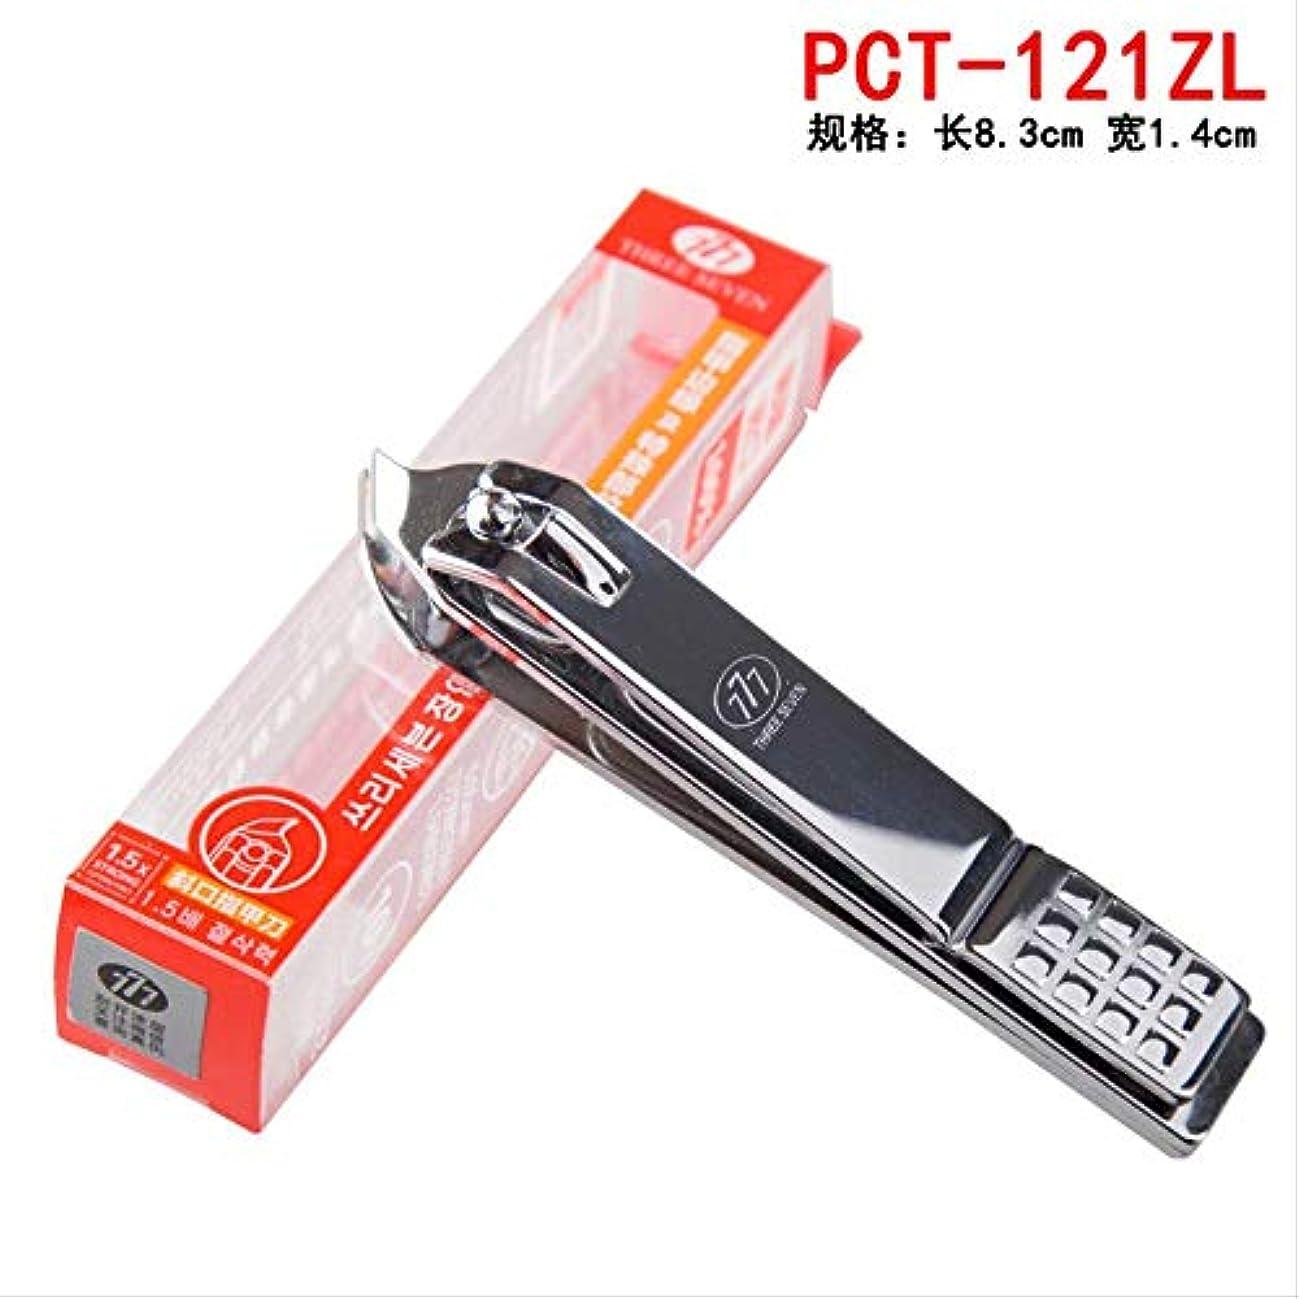 香ばしい釈義決して韓国777爪切りはさみ元平口斜め爪切り小さな爪切り大本物 PCT-121ZLギフトボックス